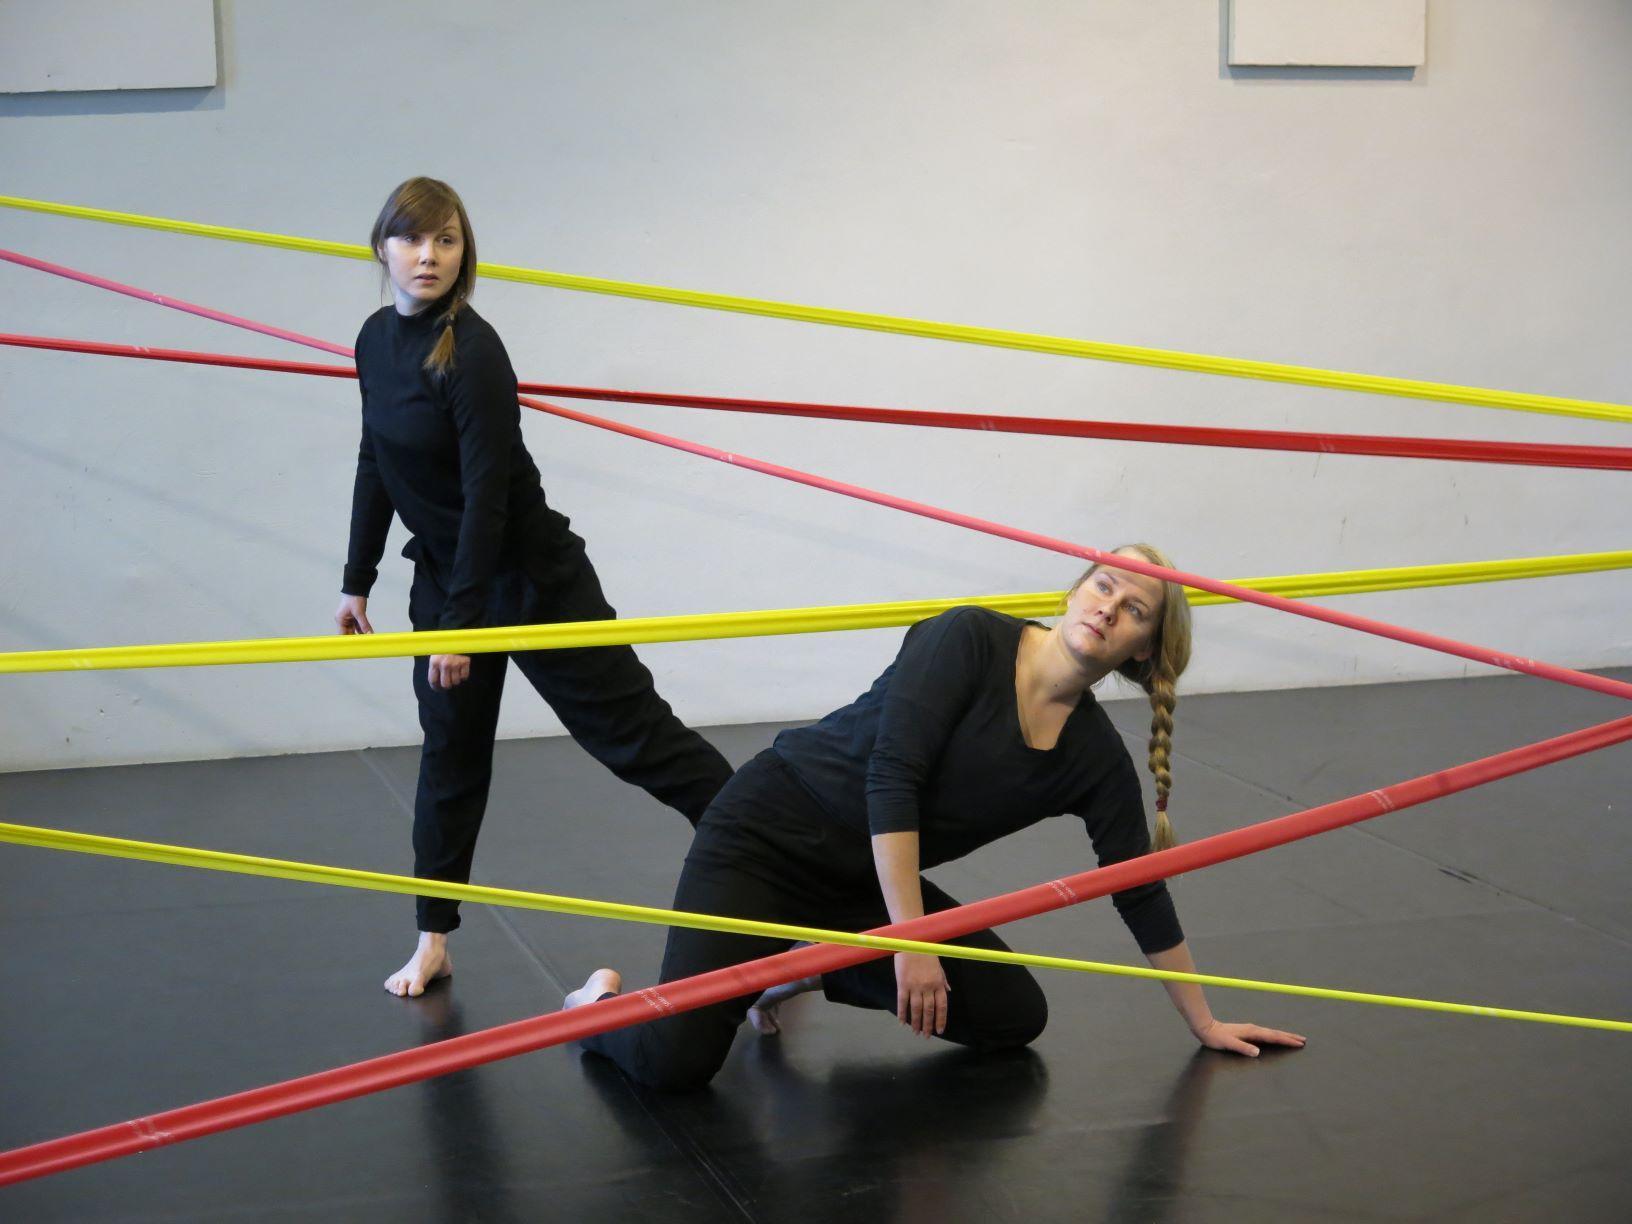 Två kvinnor dansar